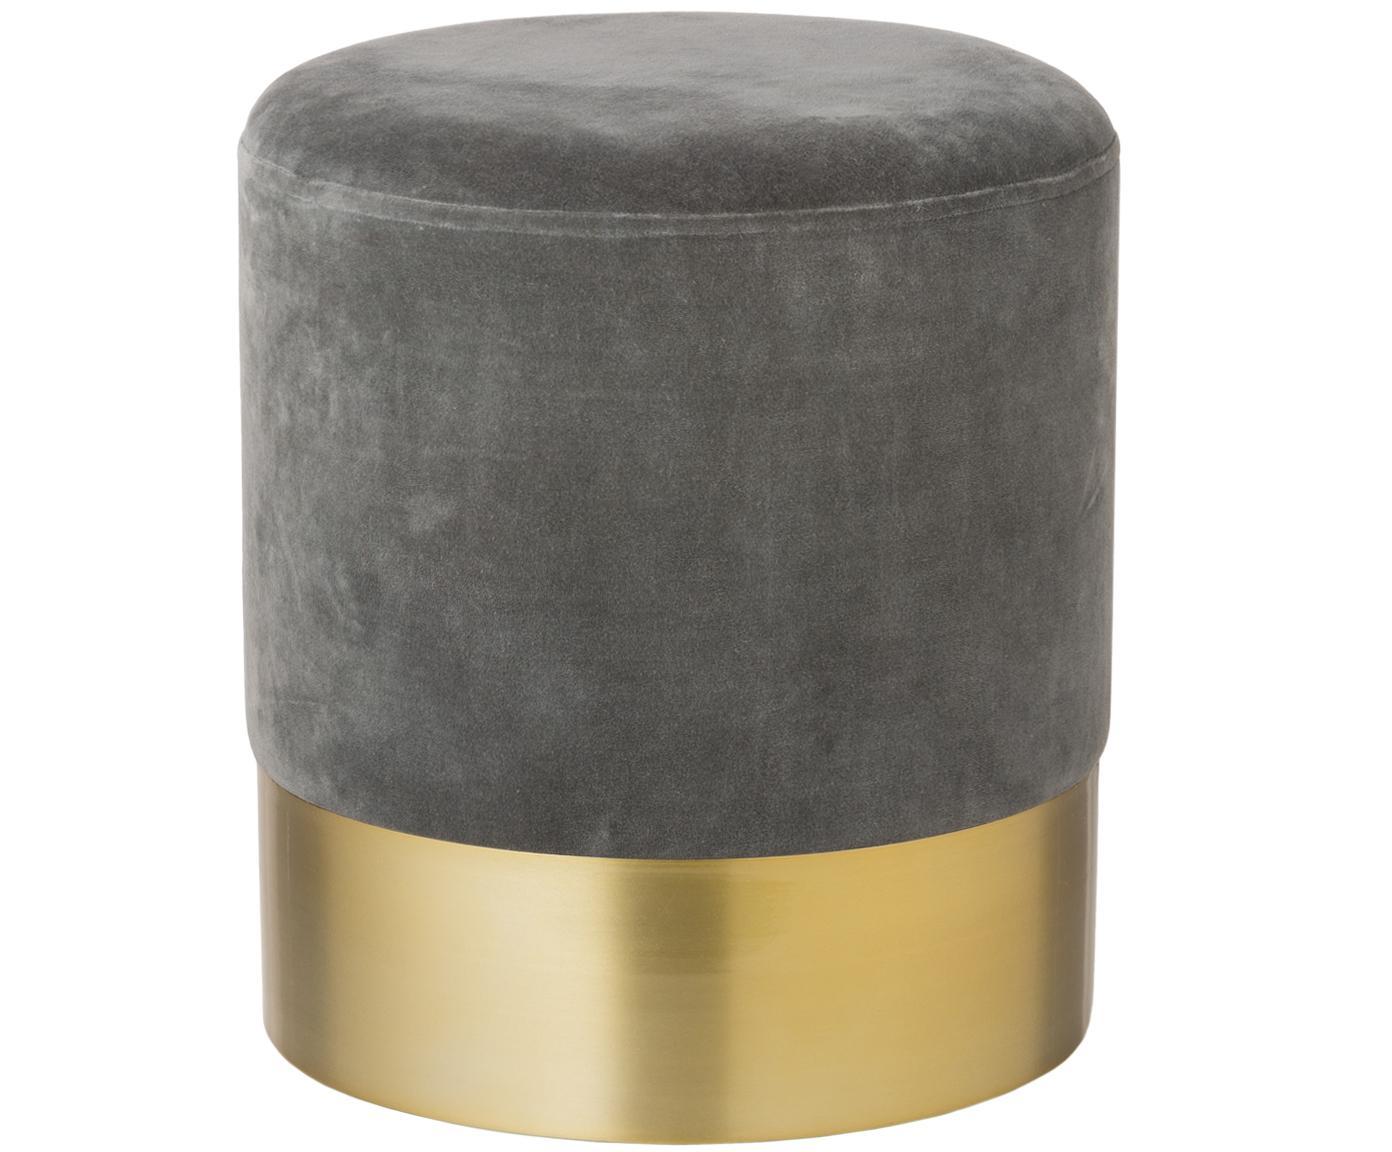 Pouf in velluto Harlow, Rivestimento: velluto di cotone, Grigio, dorato, Ø 38 x Alt. 42 cm